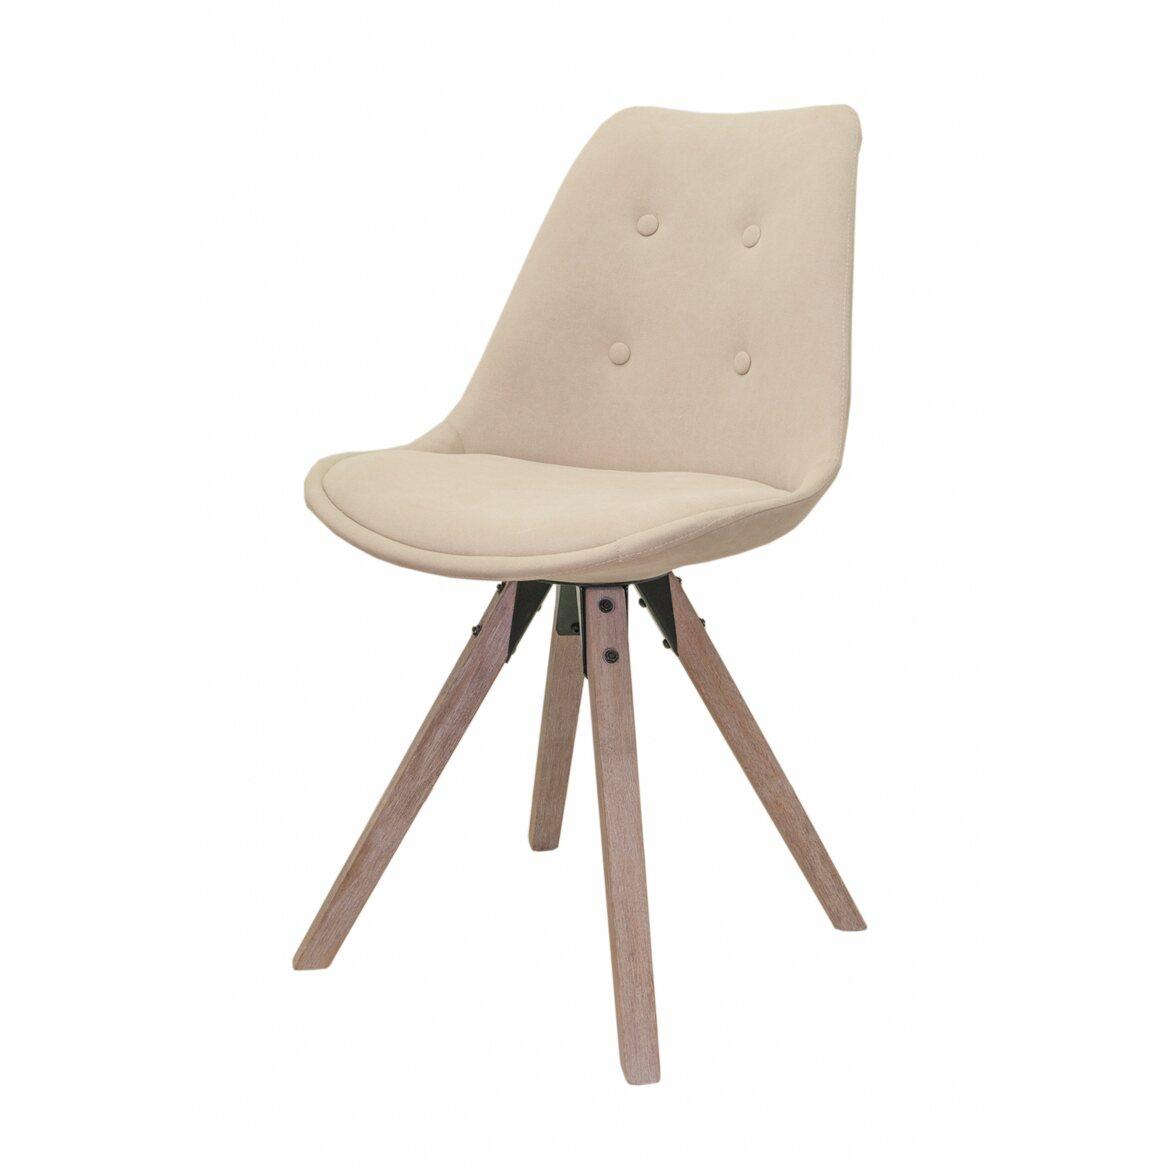 Стул Dexx beige 4 | Обеденные стулья Kingsby